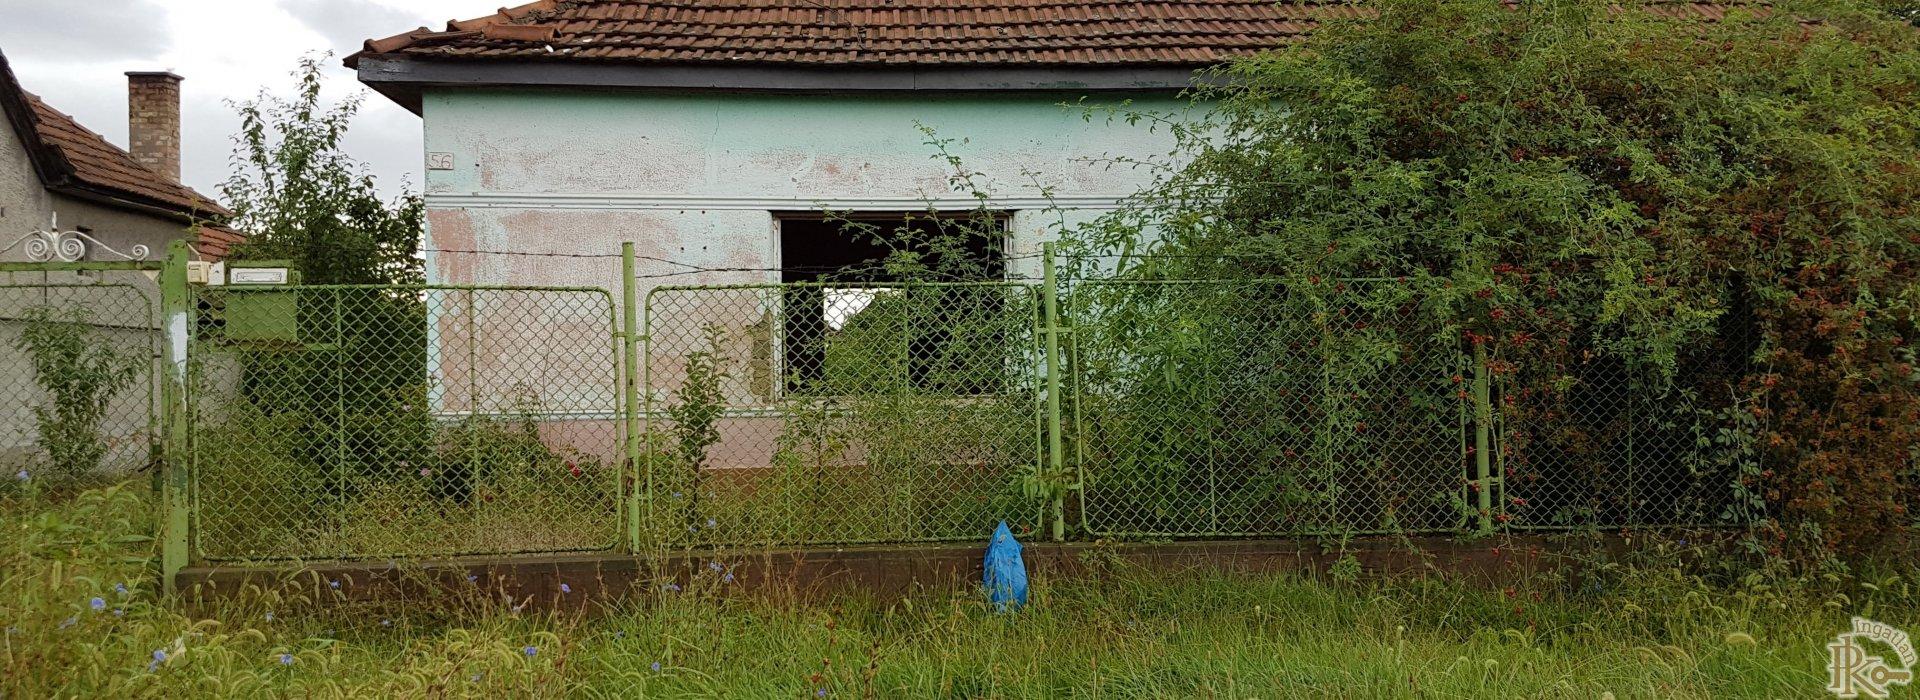 Kál, Arany János utca 56.